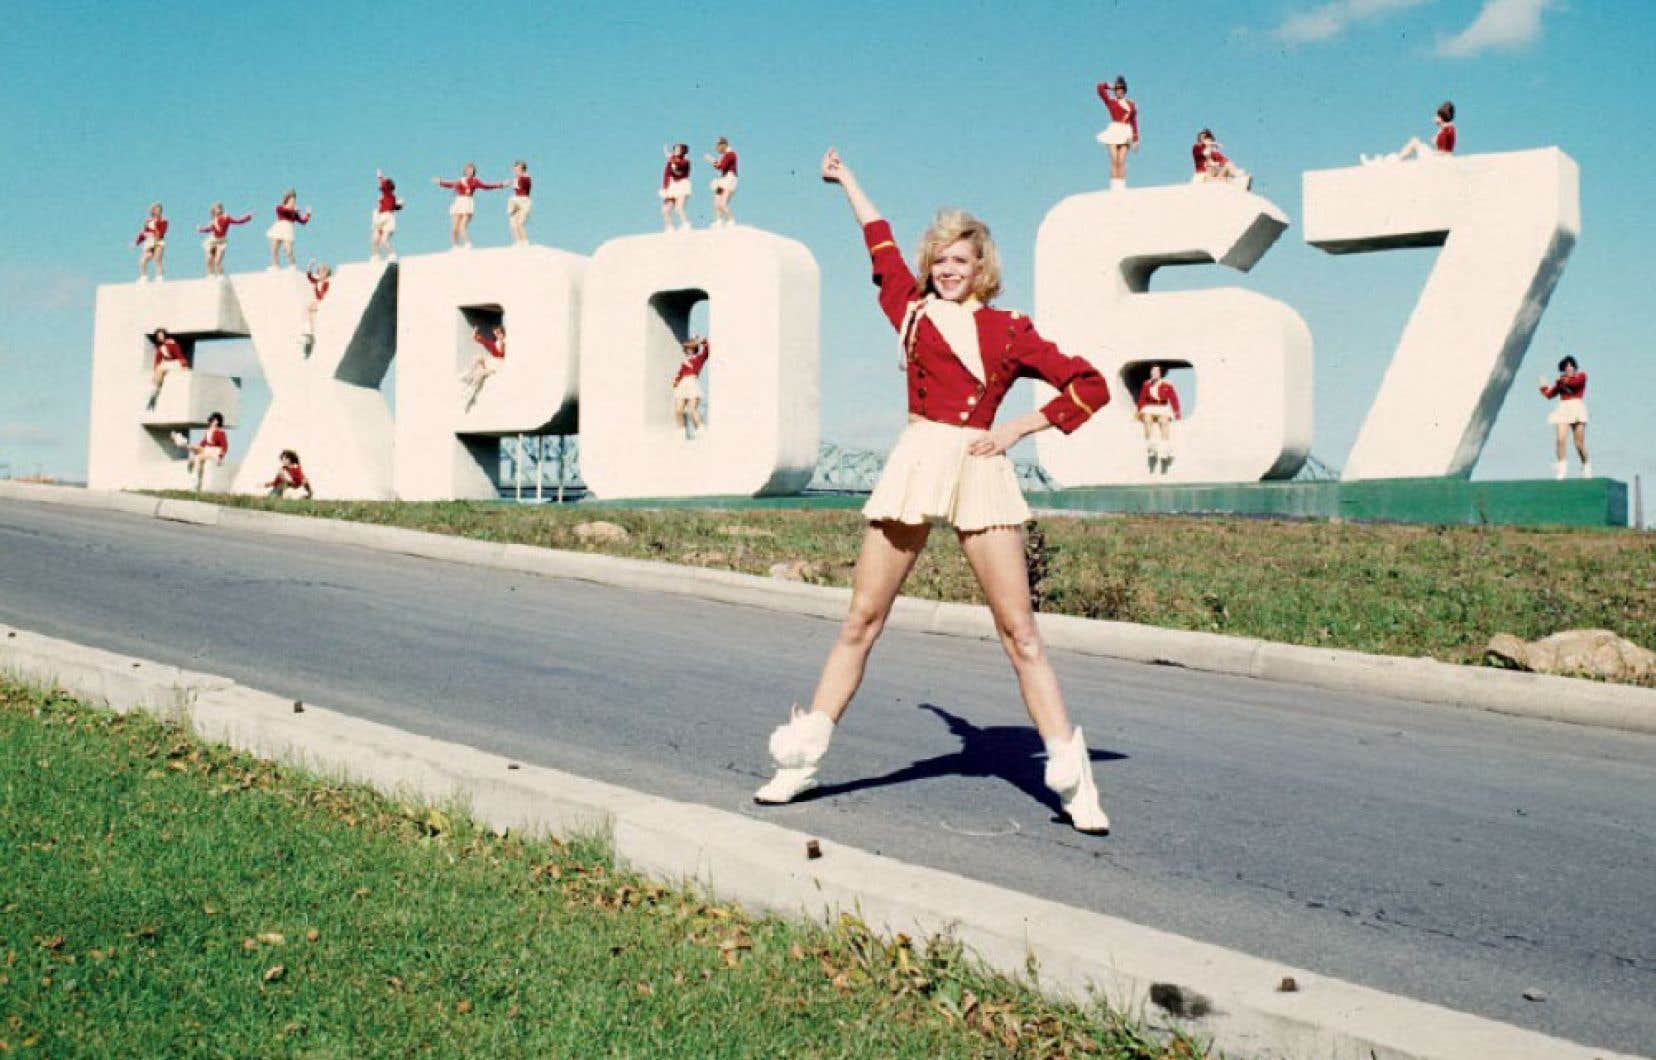 Expo 67 fait partie de ces épisodes de l'histoire récente du Québec qui ont produit un corpus d'images marquantes.